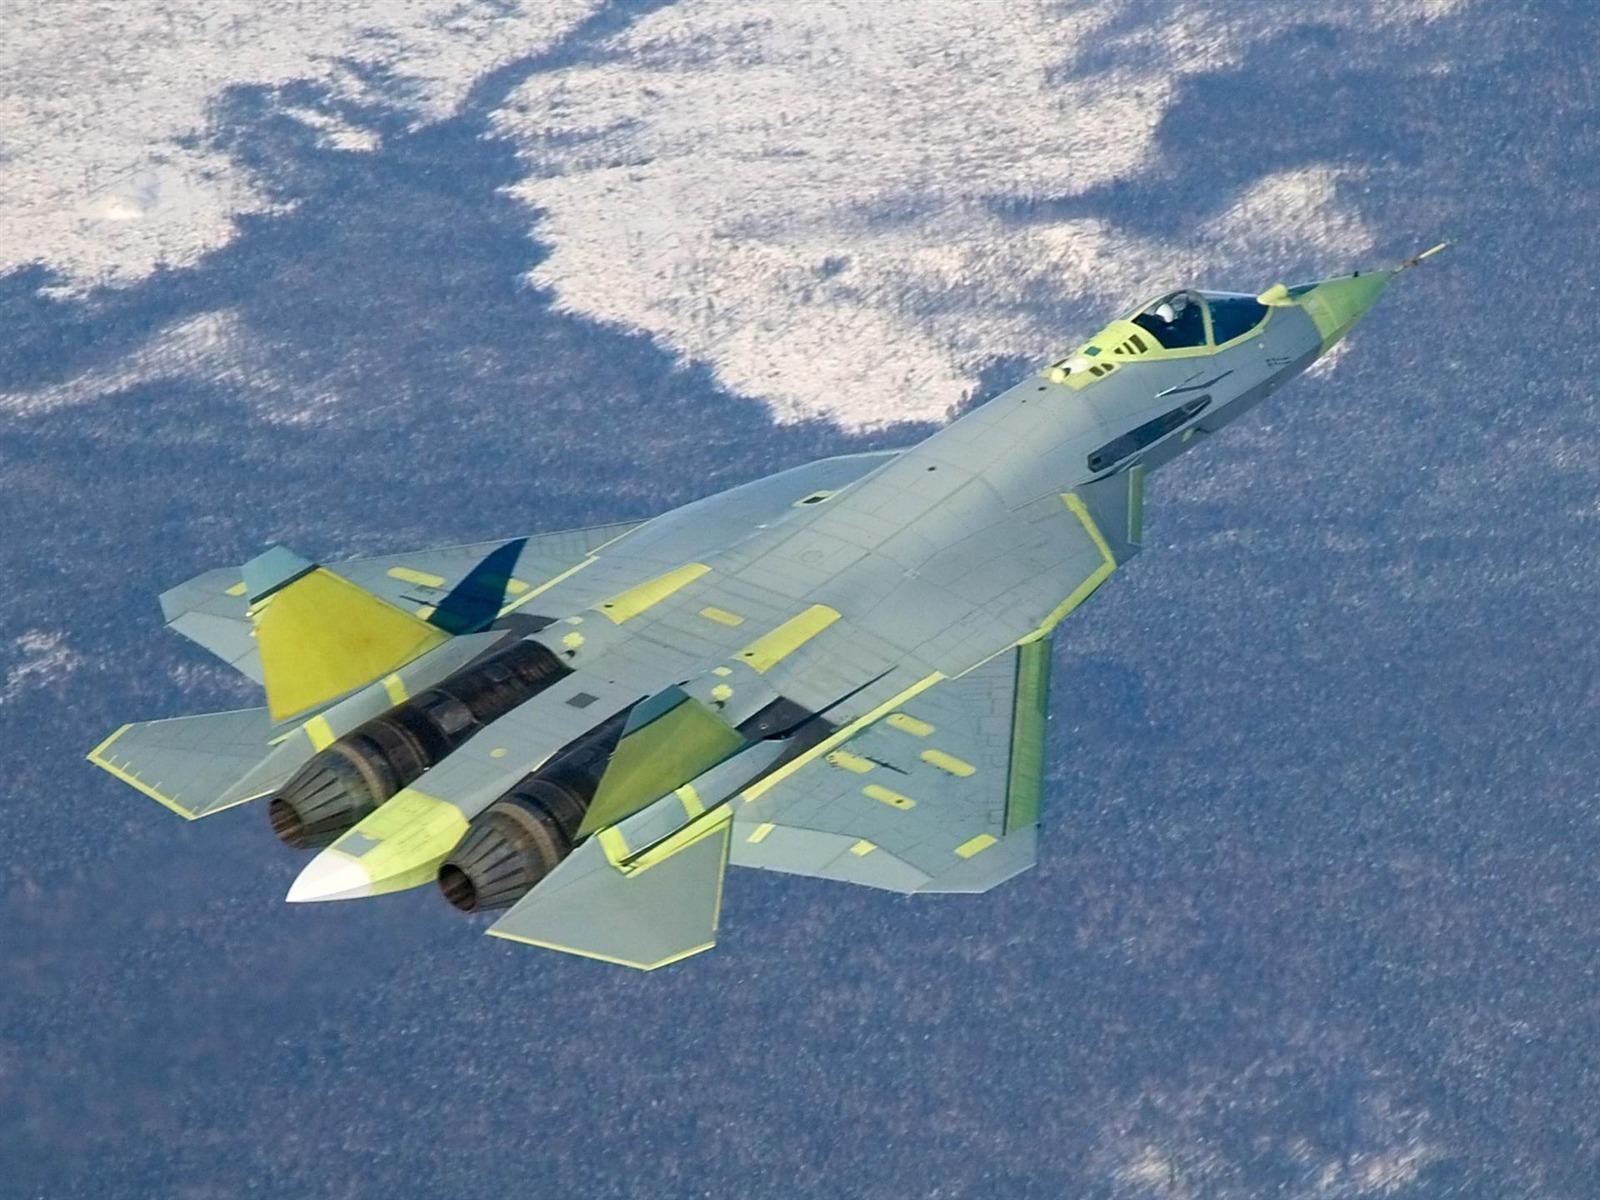 T 50 (航空機)の画像 p1_37